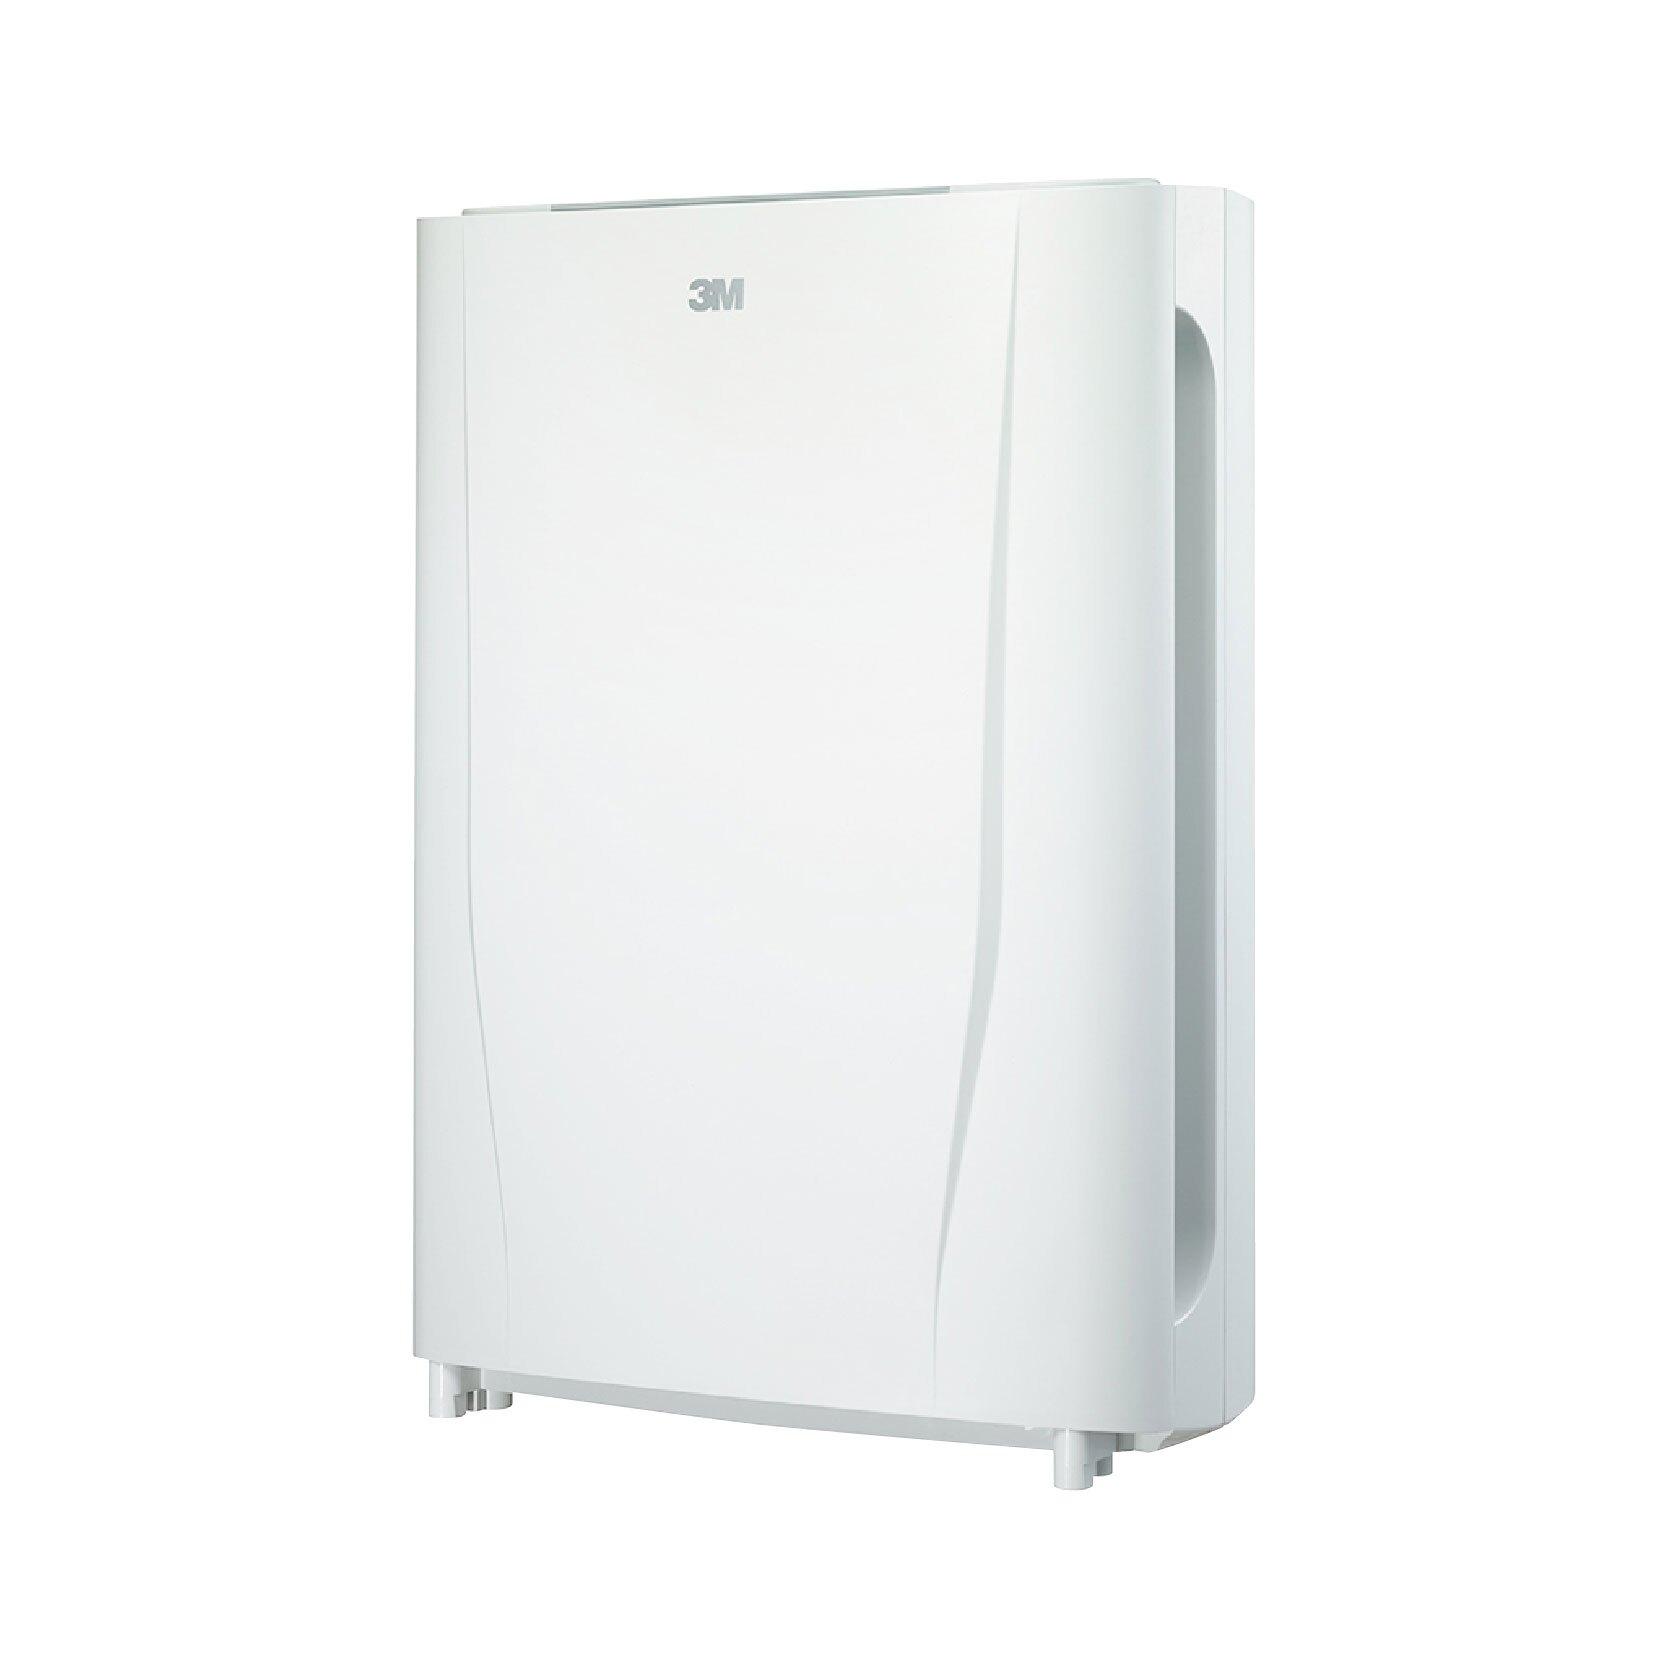 【組合優惠】3M FA-B200DC 空氣清淨機 濾網 防螨 除塵 空氣清淨機